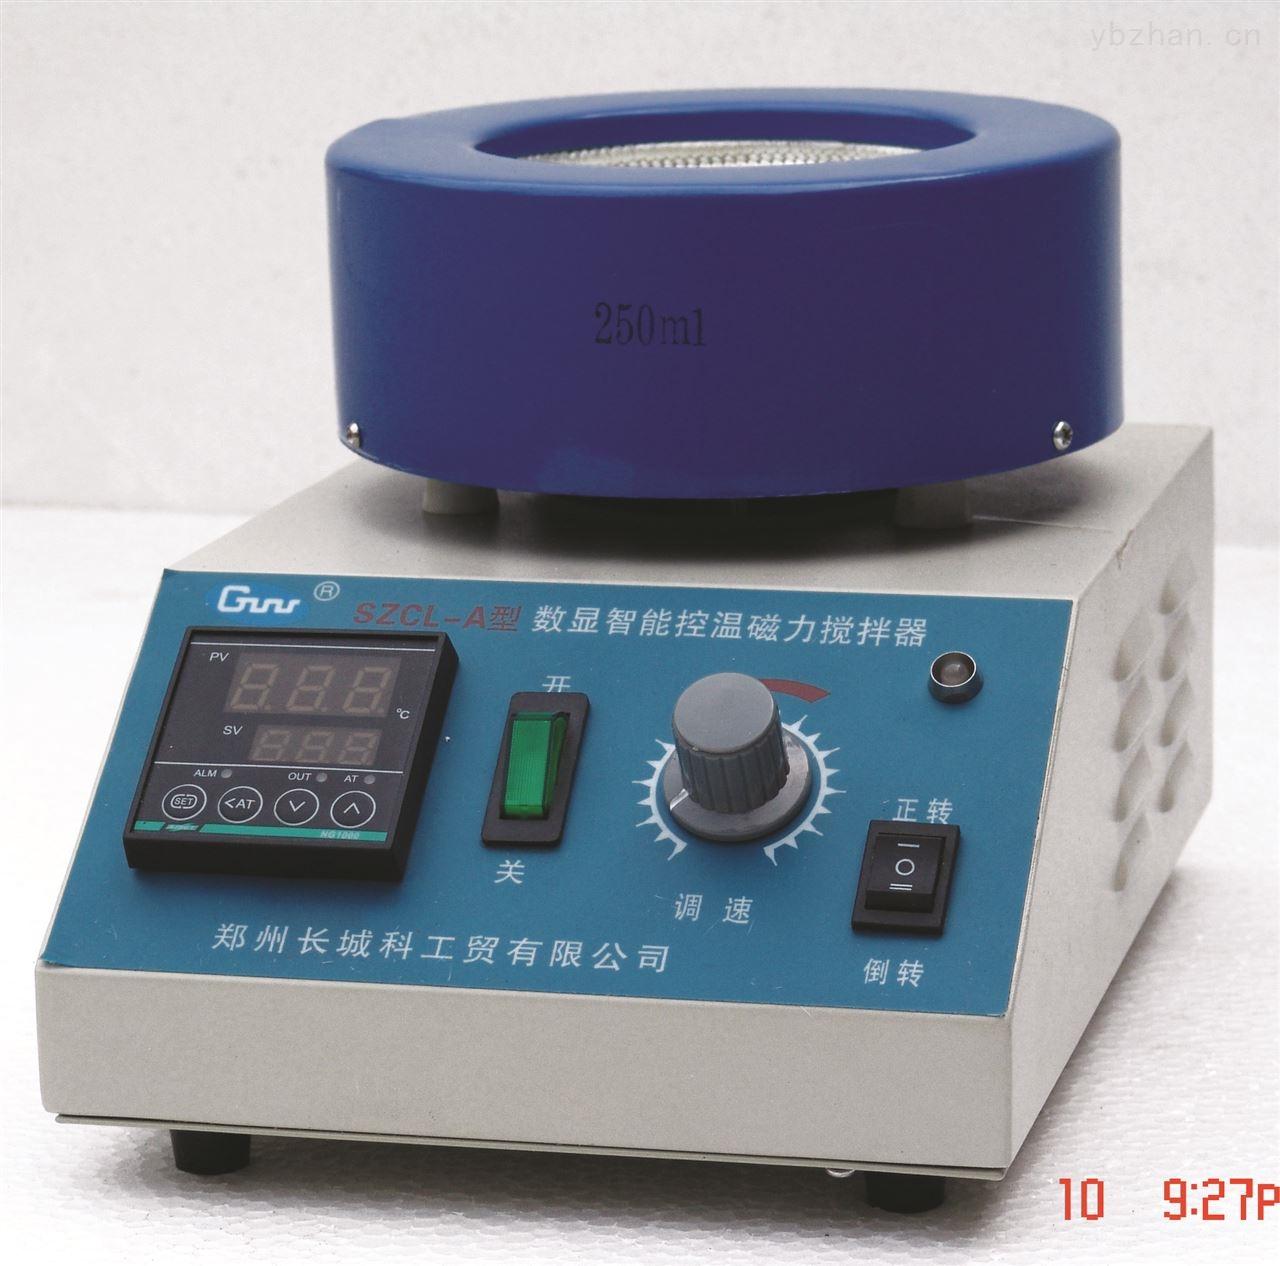 電熱套式磁力攪拌器